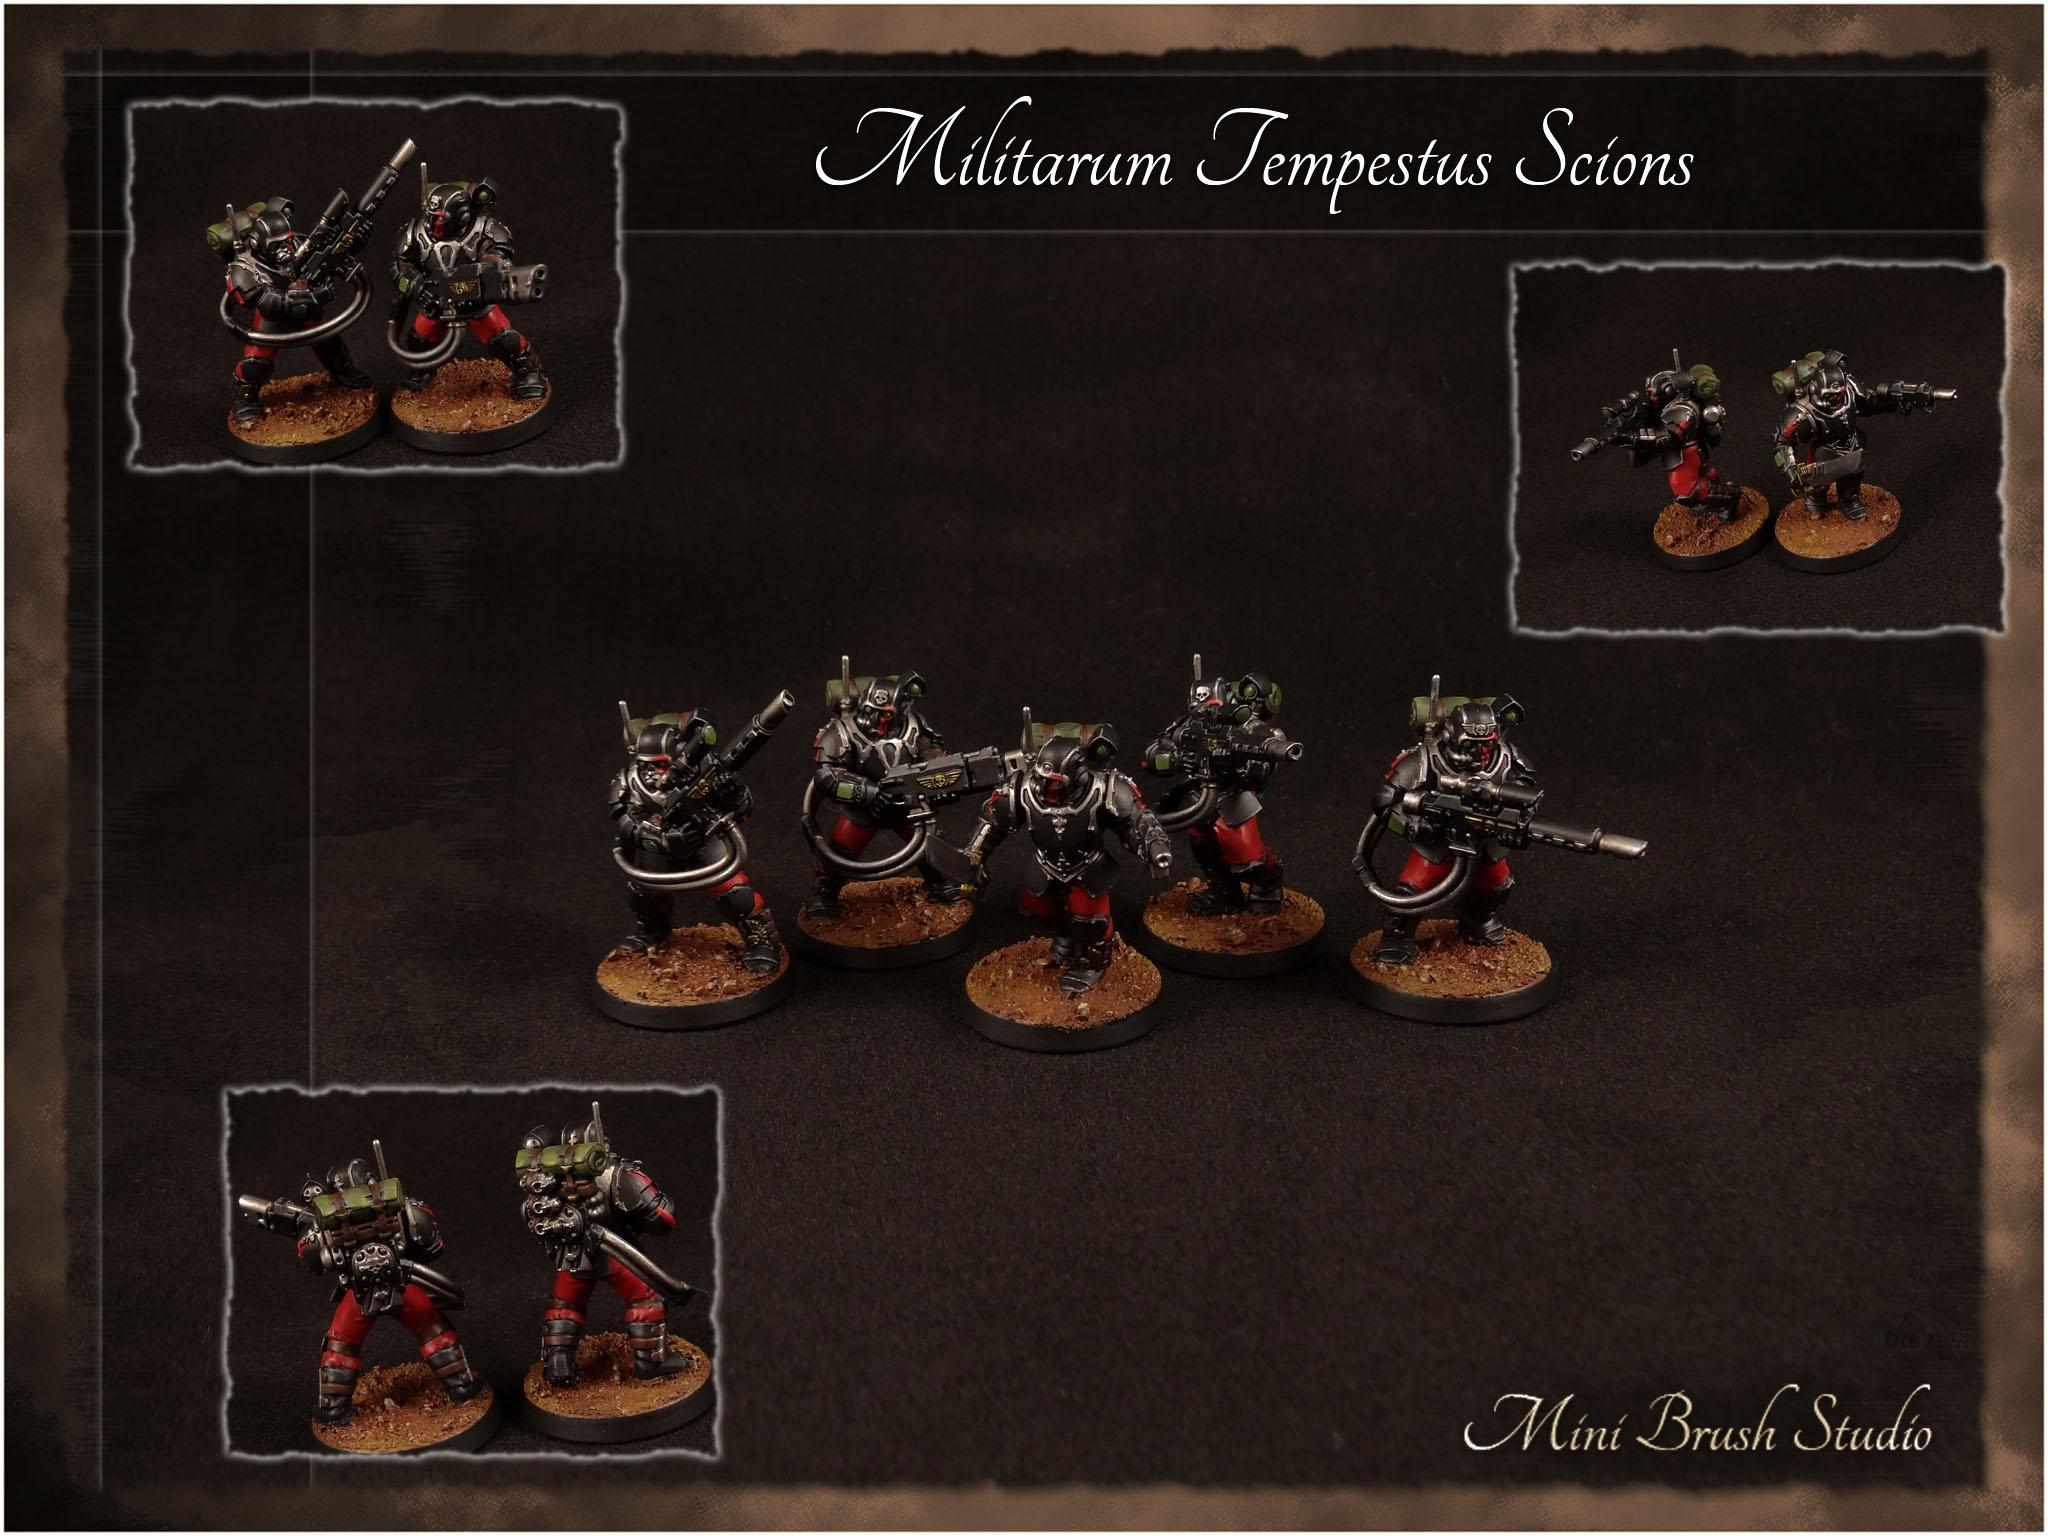 Militarum Tempestus Scions 1 v7.00.jpg